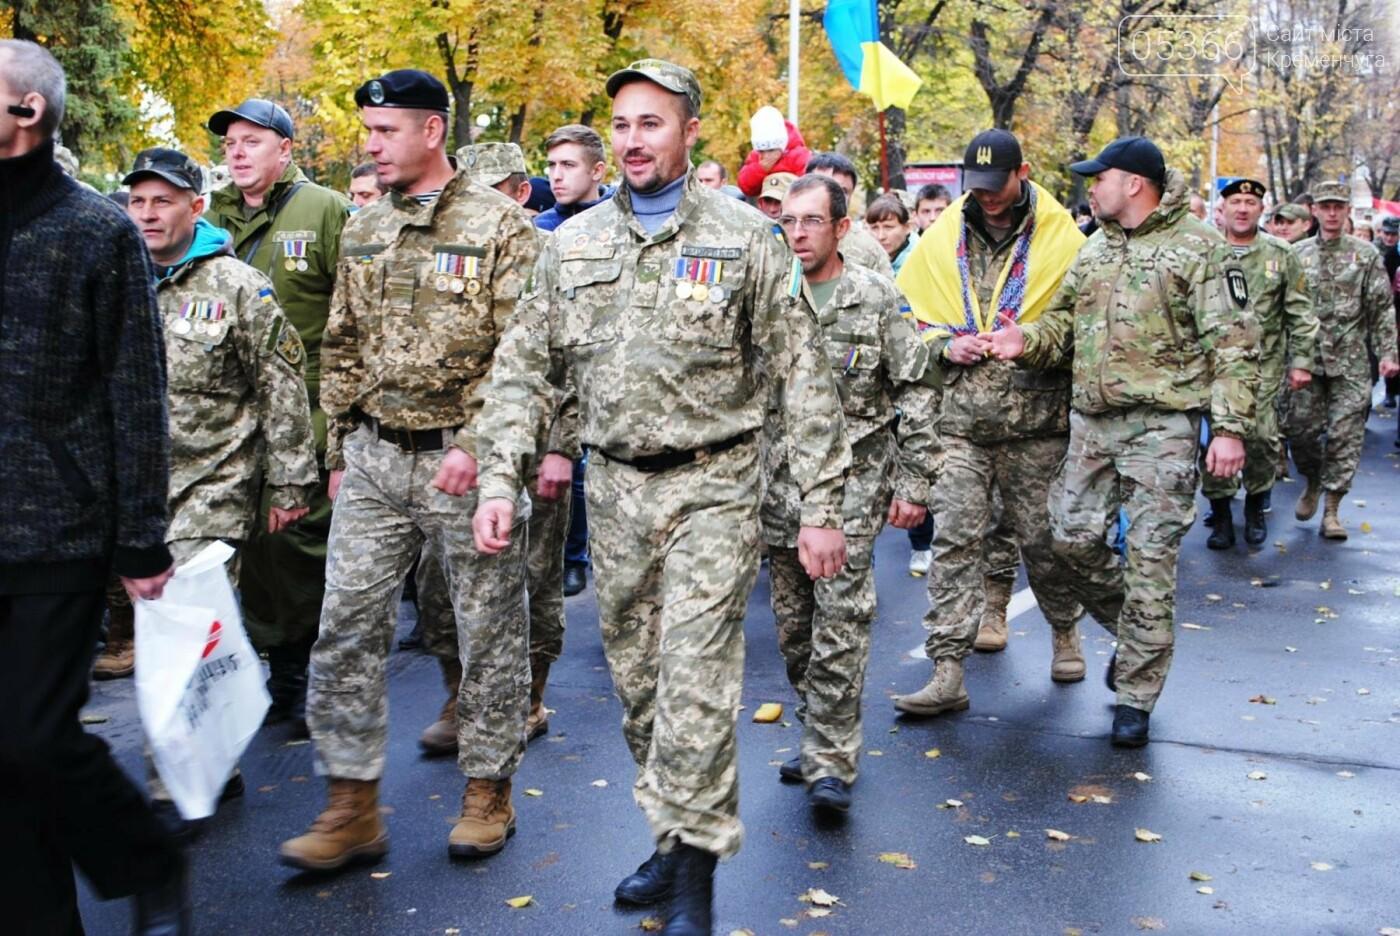 Кременчуг празднует День защитника Украины (фоторепортаж), фото-5